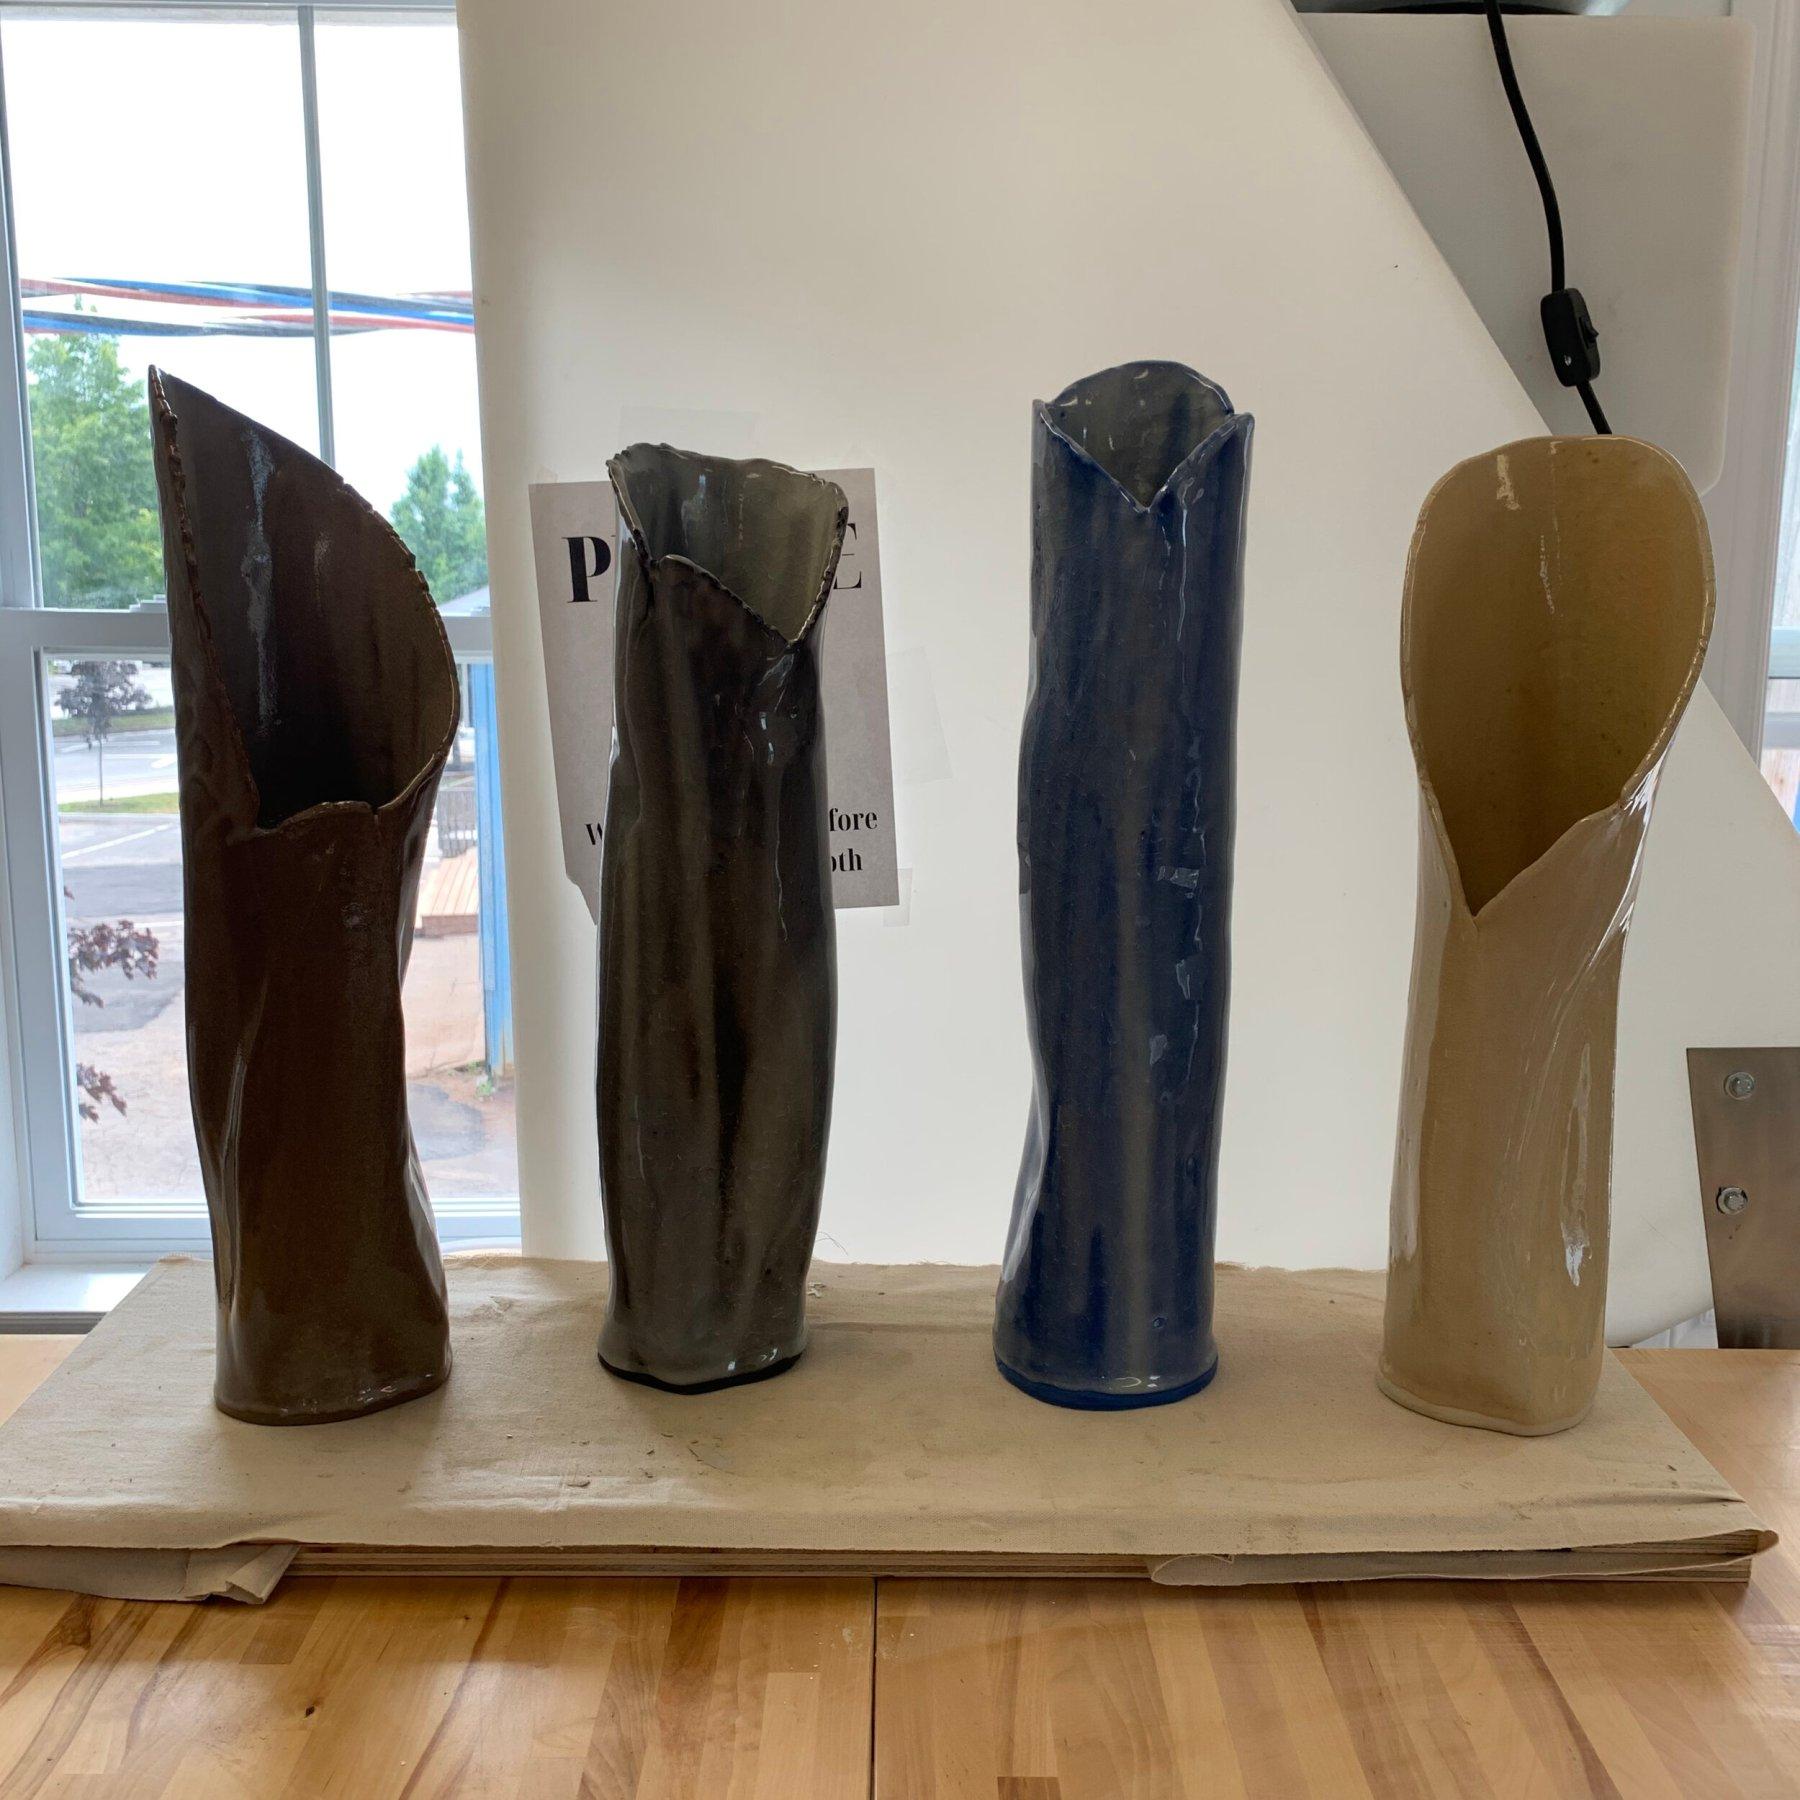 5 Crackling Vases by Matt Cripps.